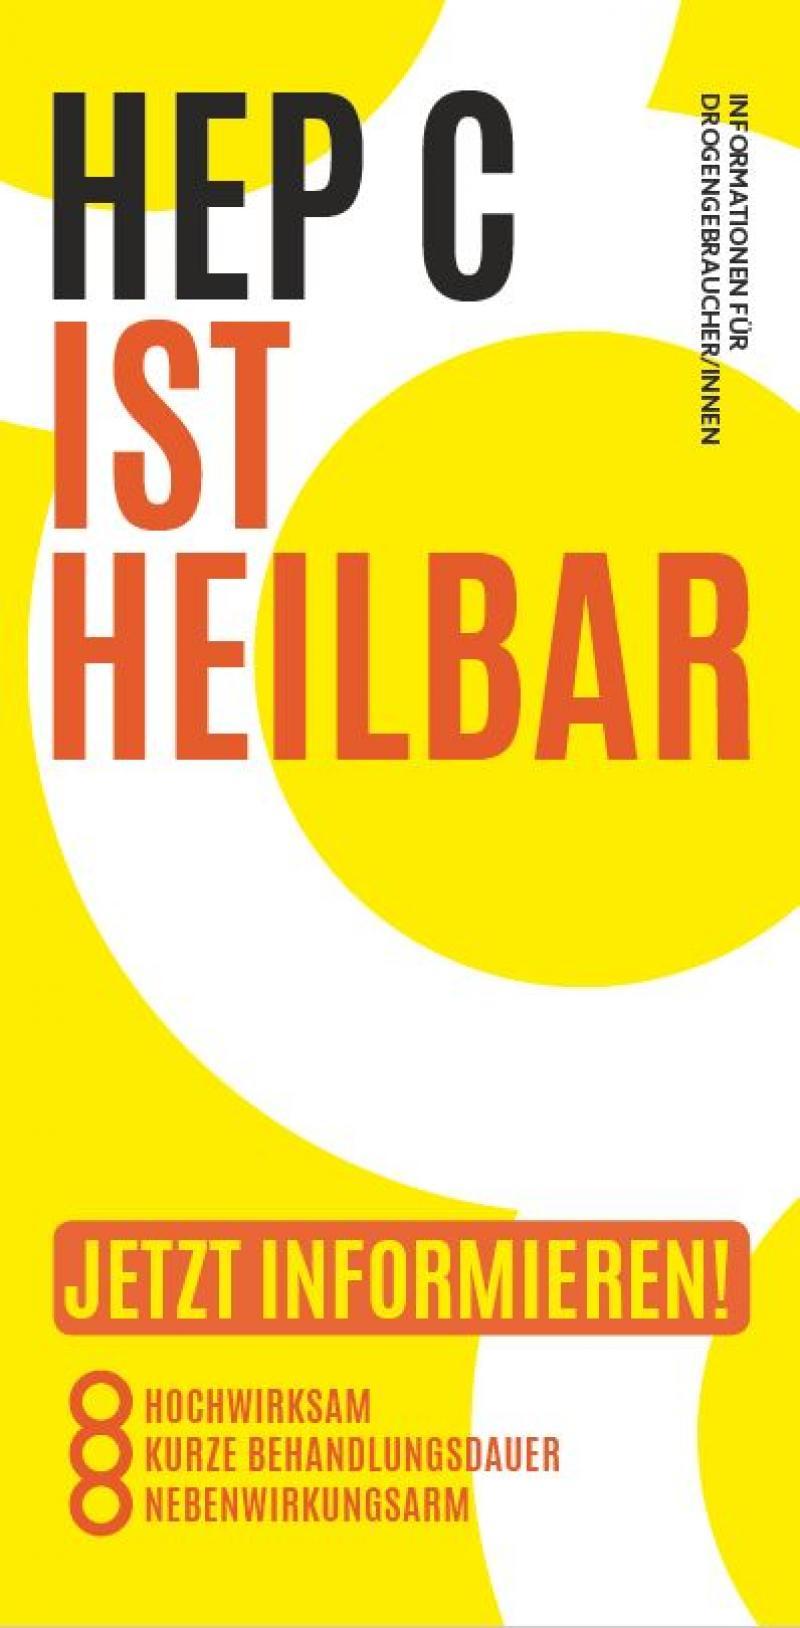 """Gelbes Deckblatt mit der Aufschrift """"HEP C ist heilbar - Informationen für Dorgengebraucher_innen"""""""